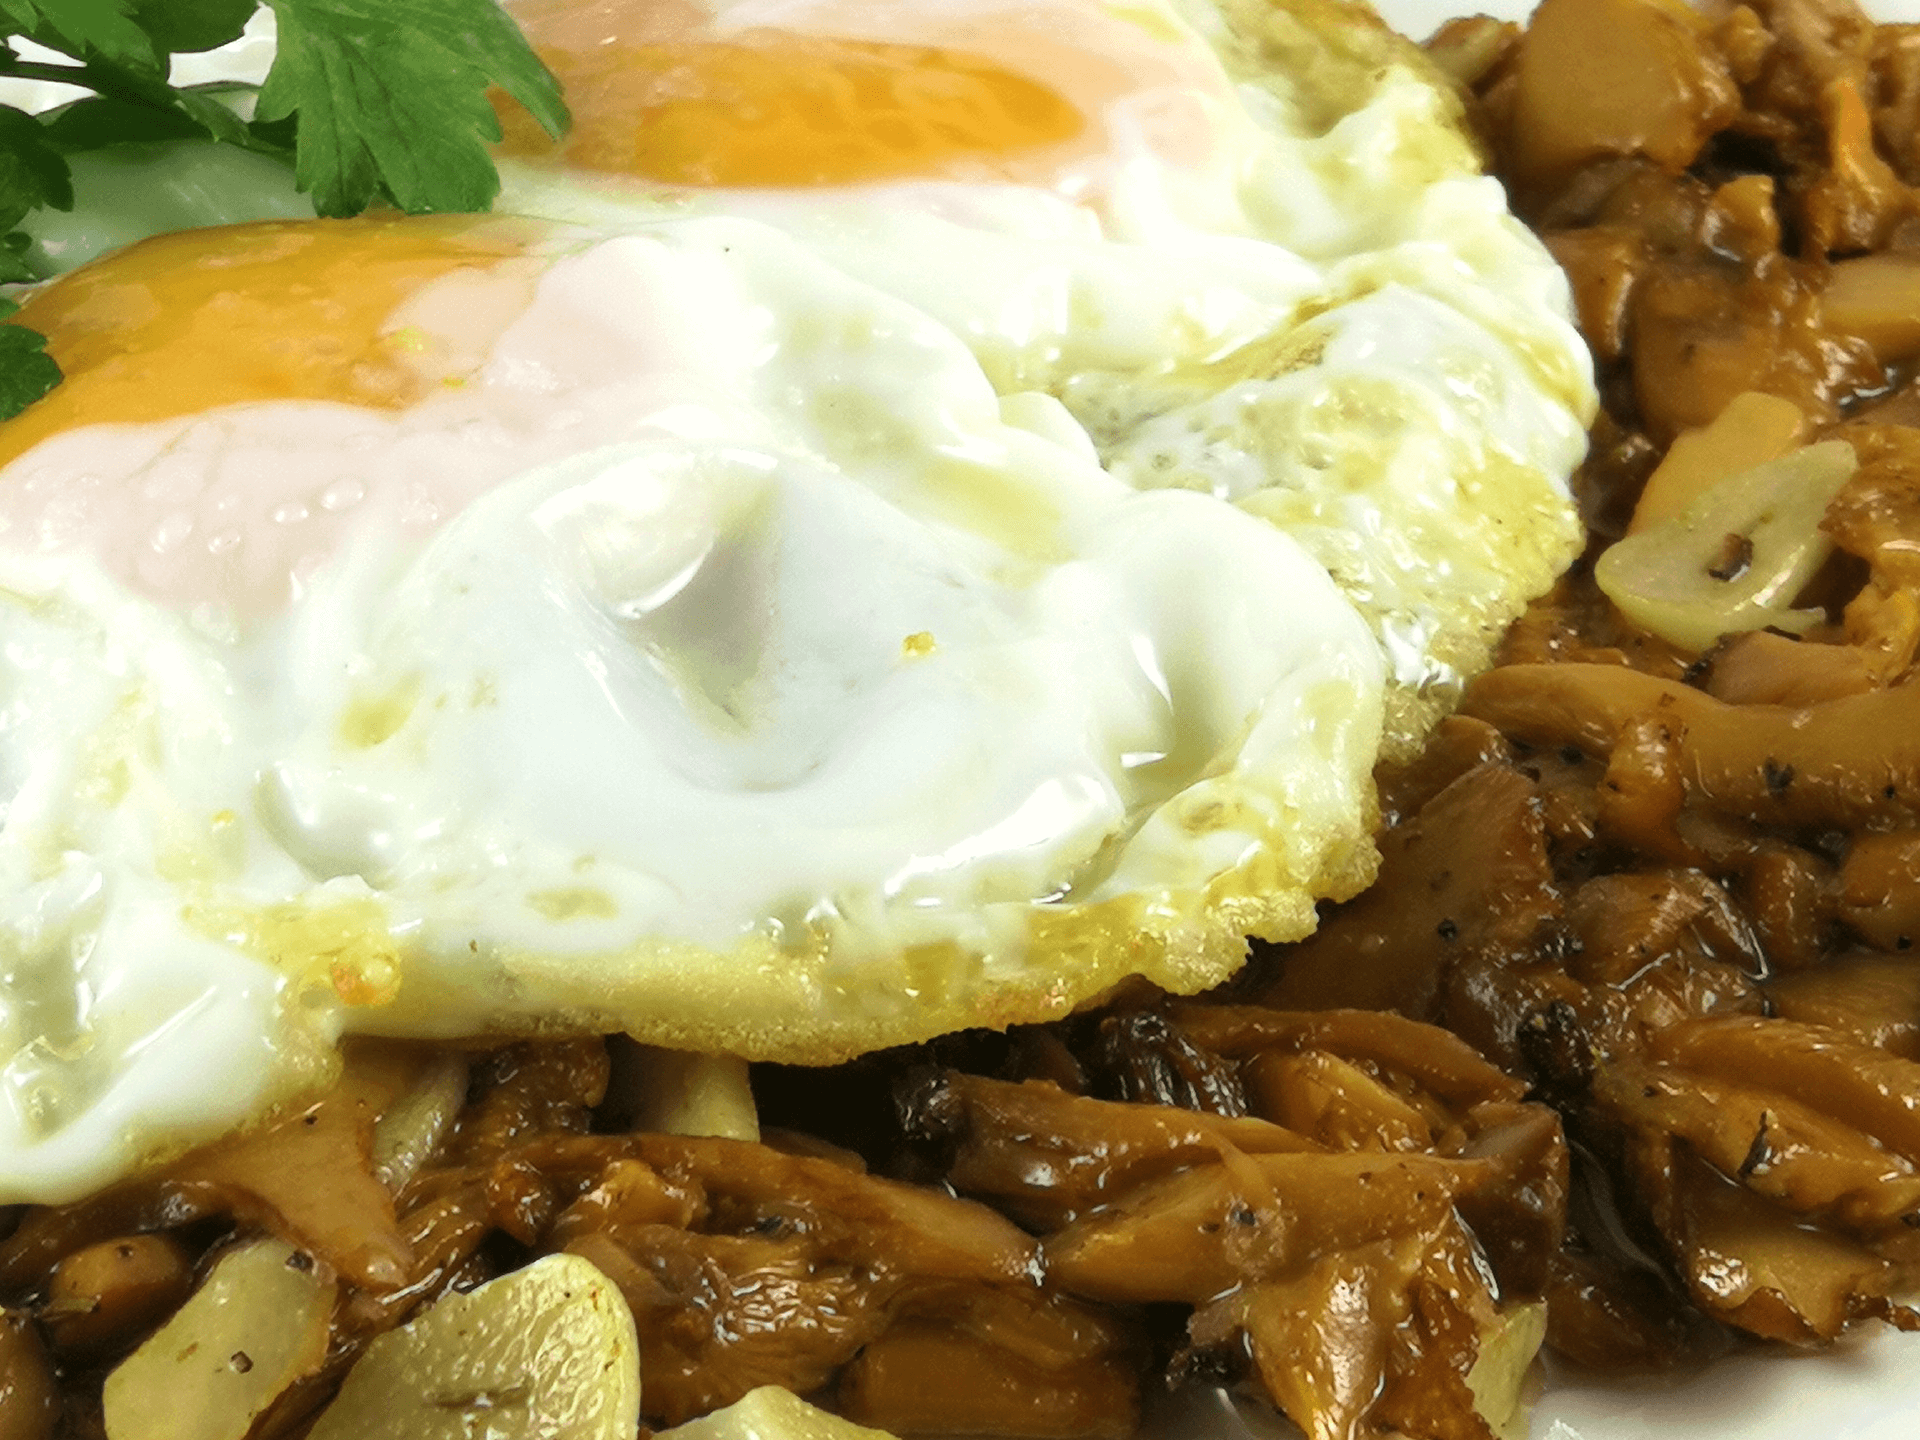 Restaurante braseria en La Roca Village - Les Tres Alzines - Cocina de temporada | Salteado de rebozuelos con huevos fritos